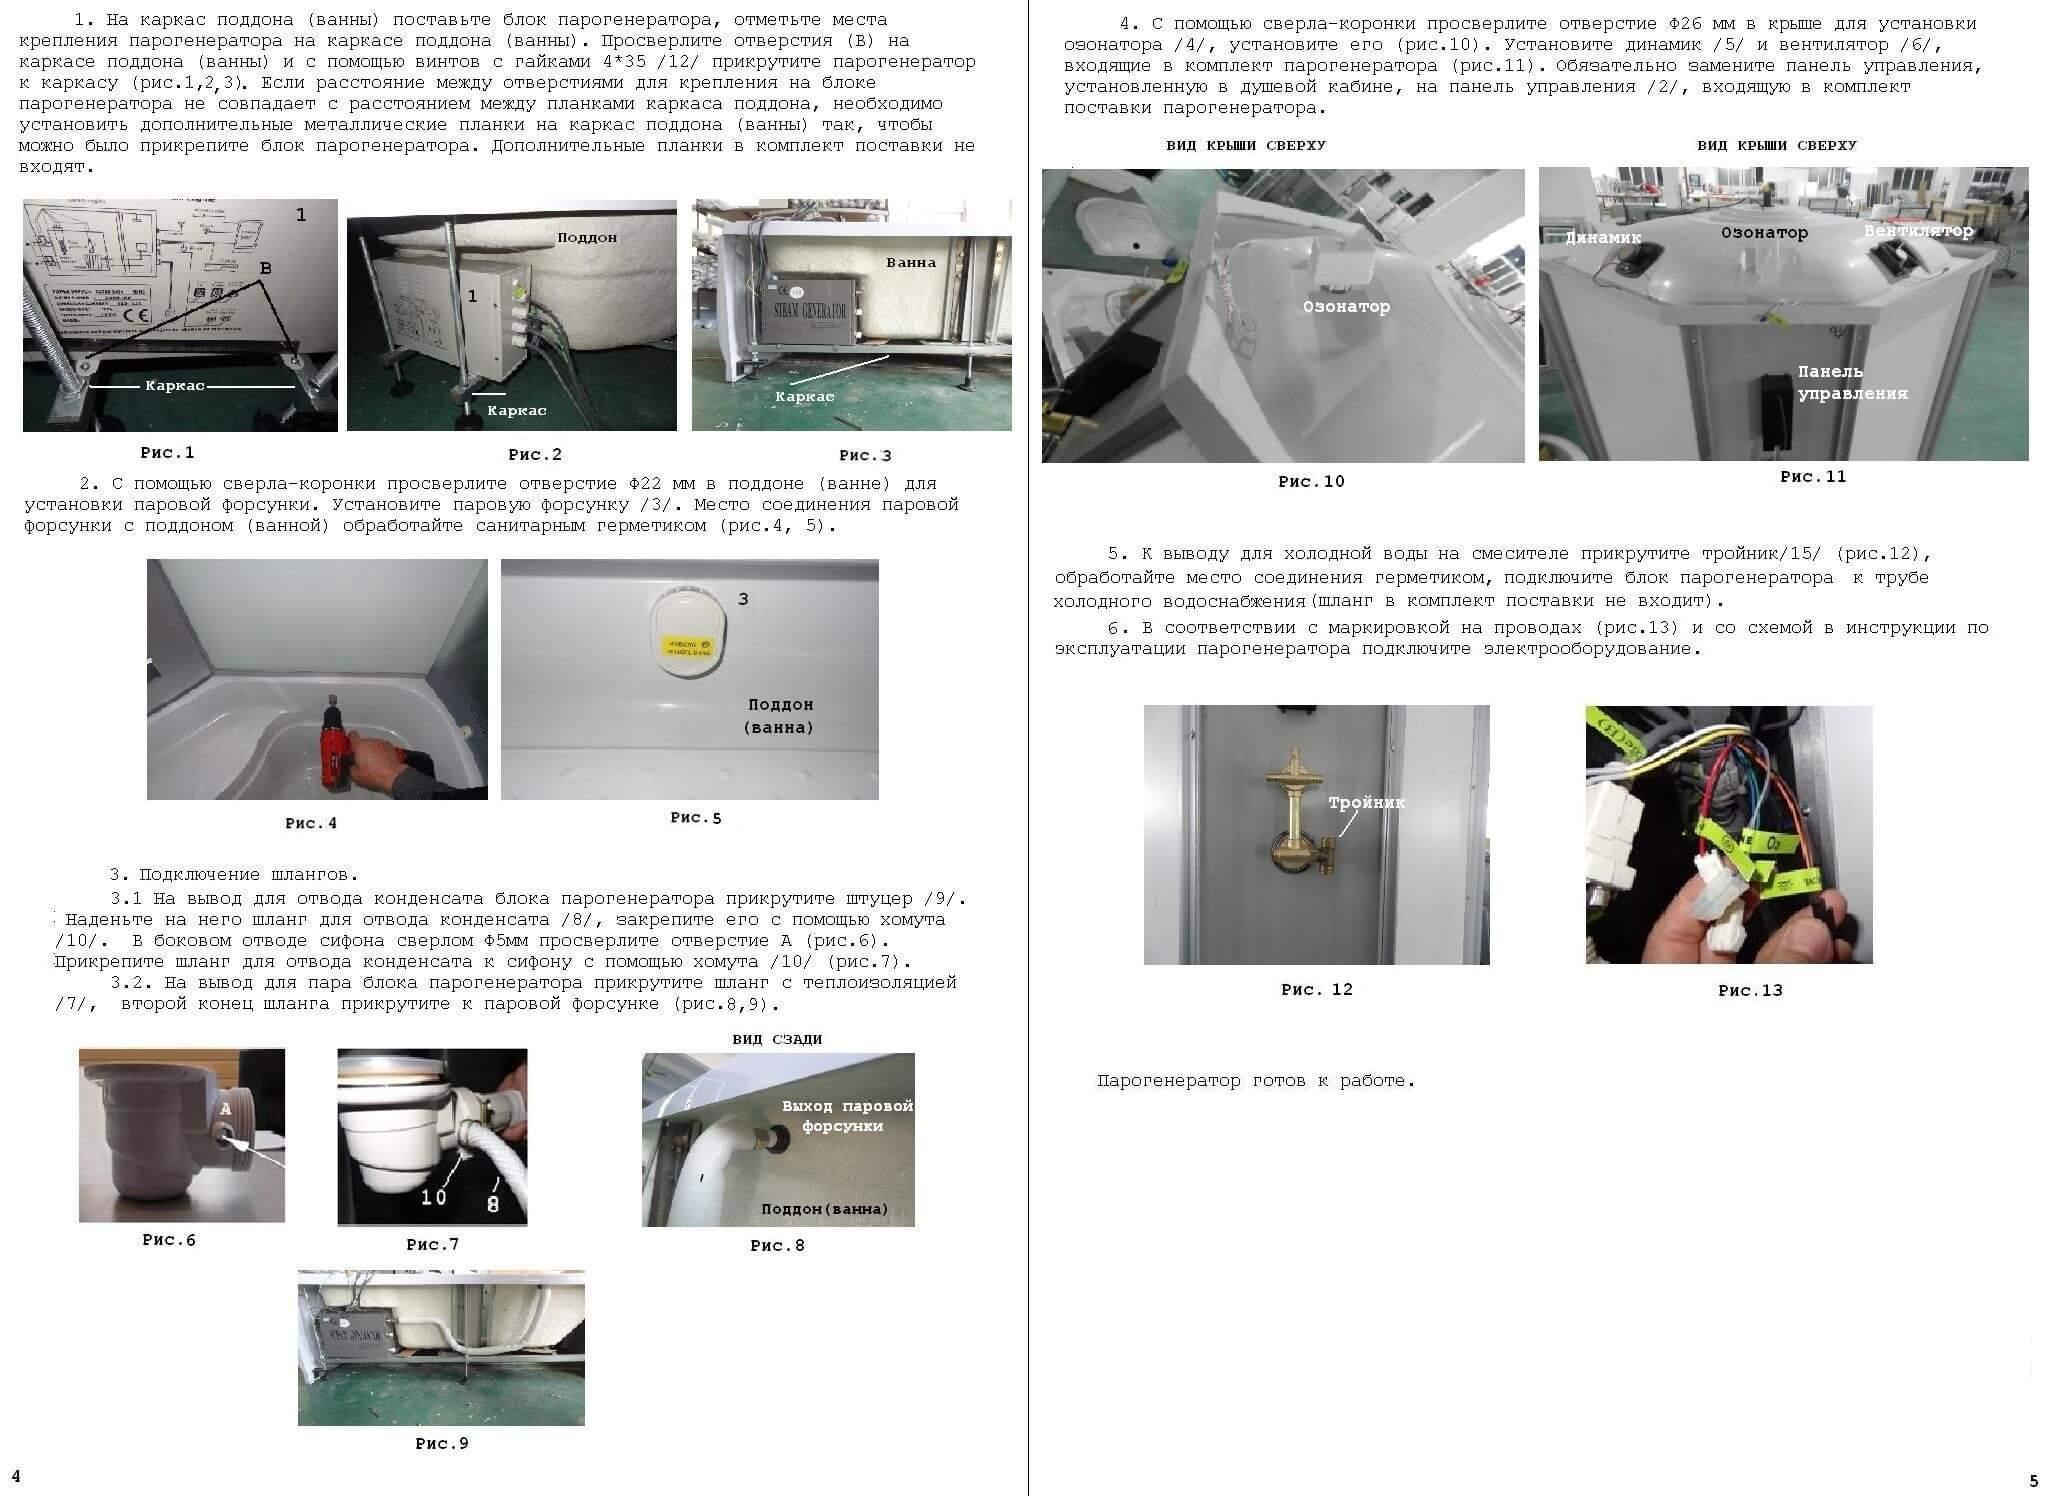 Парогенератор для душевой кабины: виды, принцип работы + рекомендации по выбору и монтажу